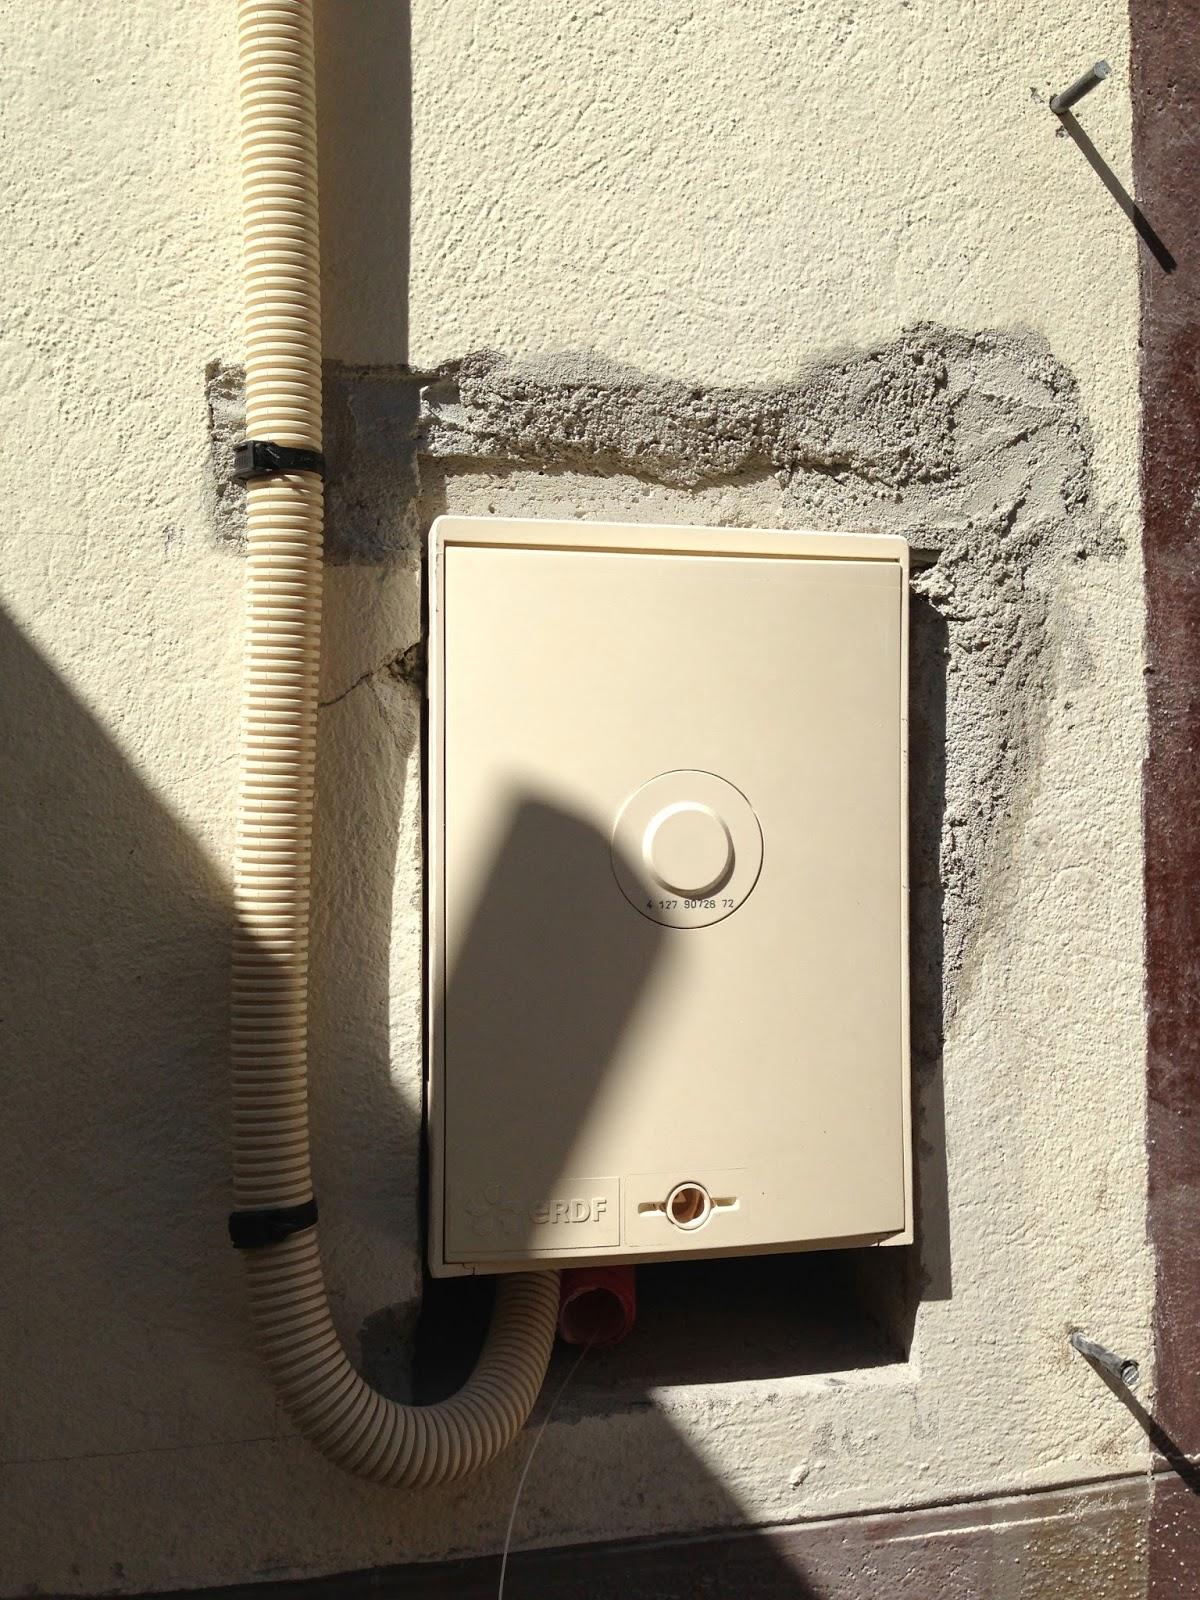 R novation de ma maison le changement du compteur edf 3 4 - Changement compteur edf ...